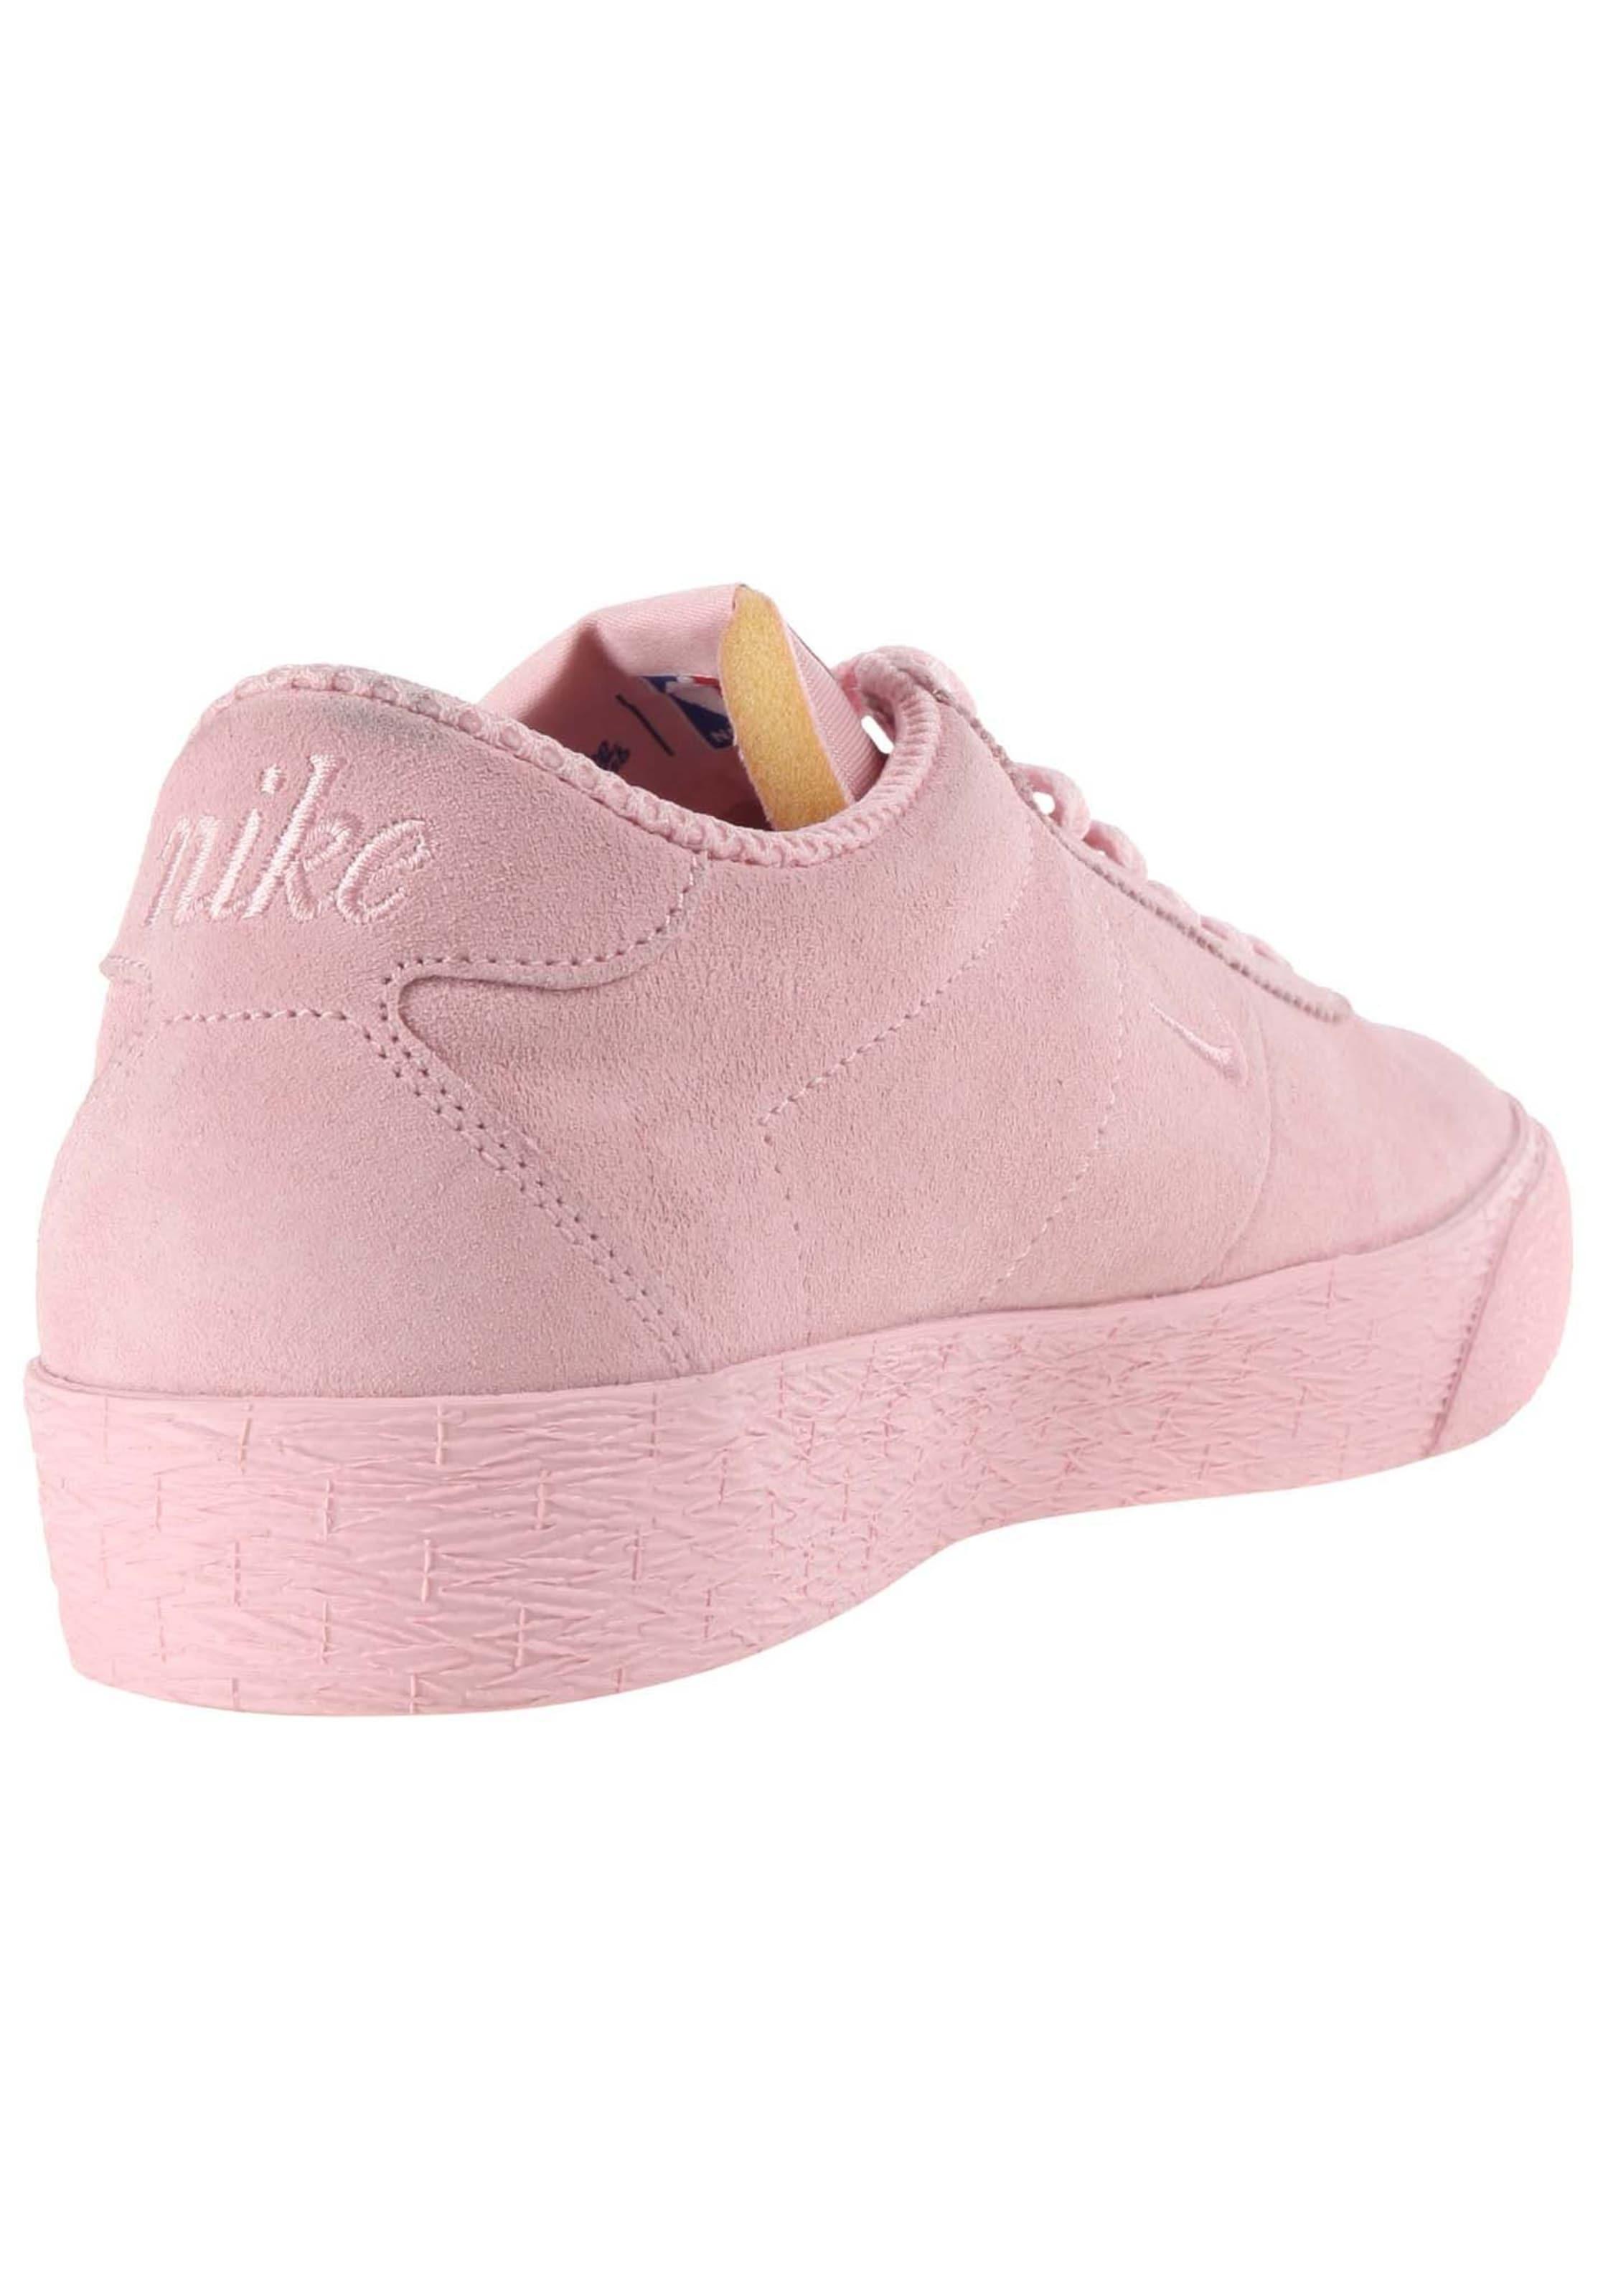 Nike Bruin Sneaker 'zoom Nba' Sb In Rosa qUMSVpz